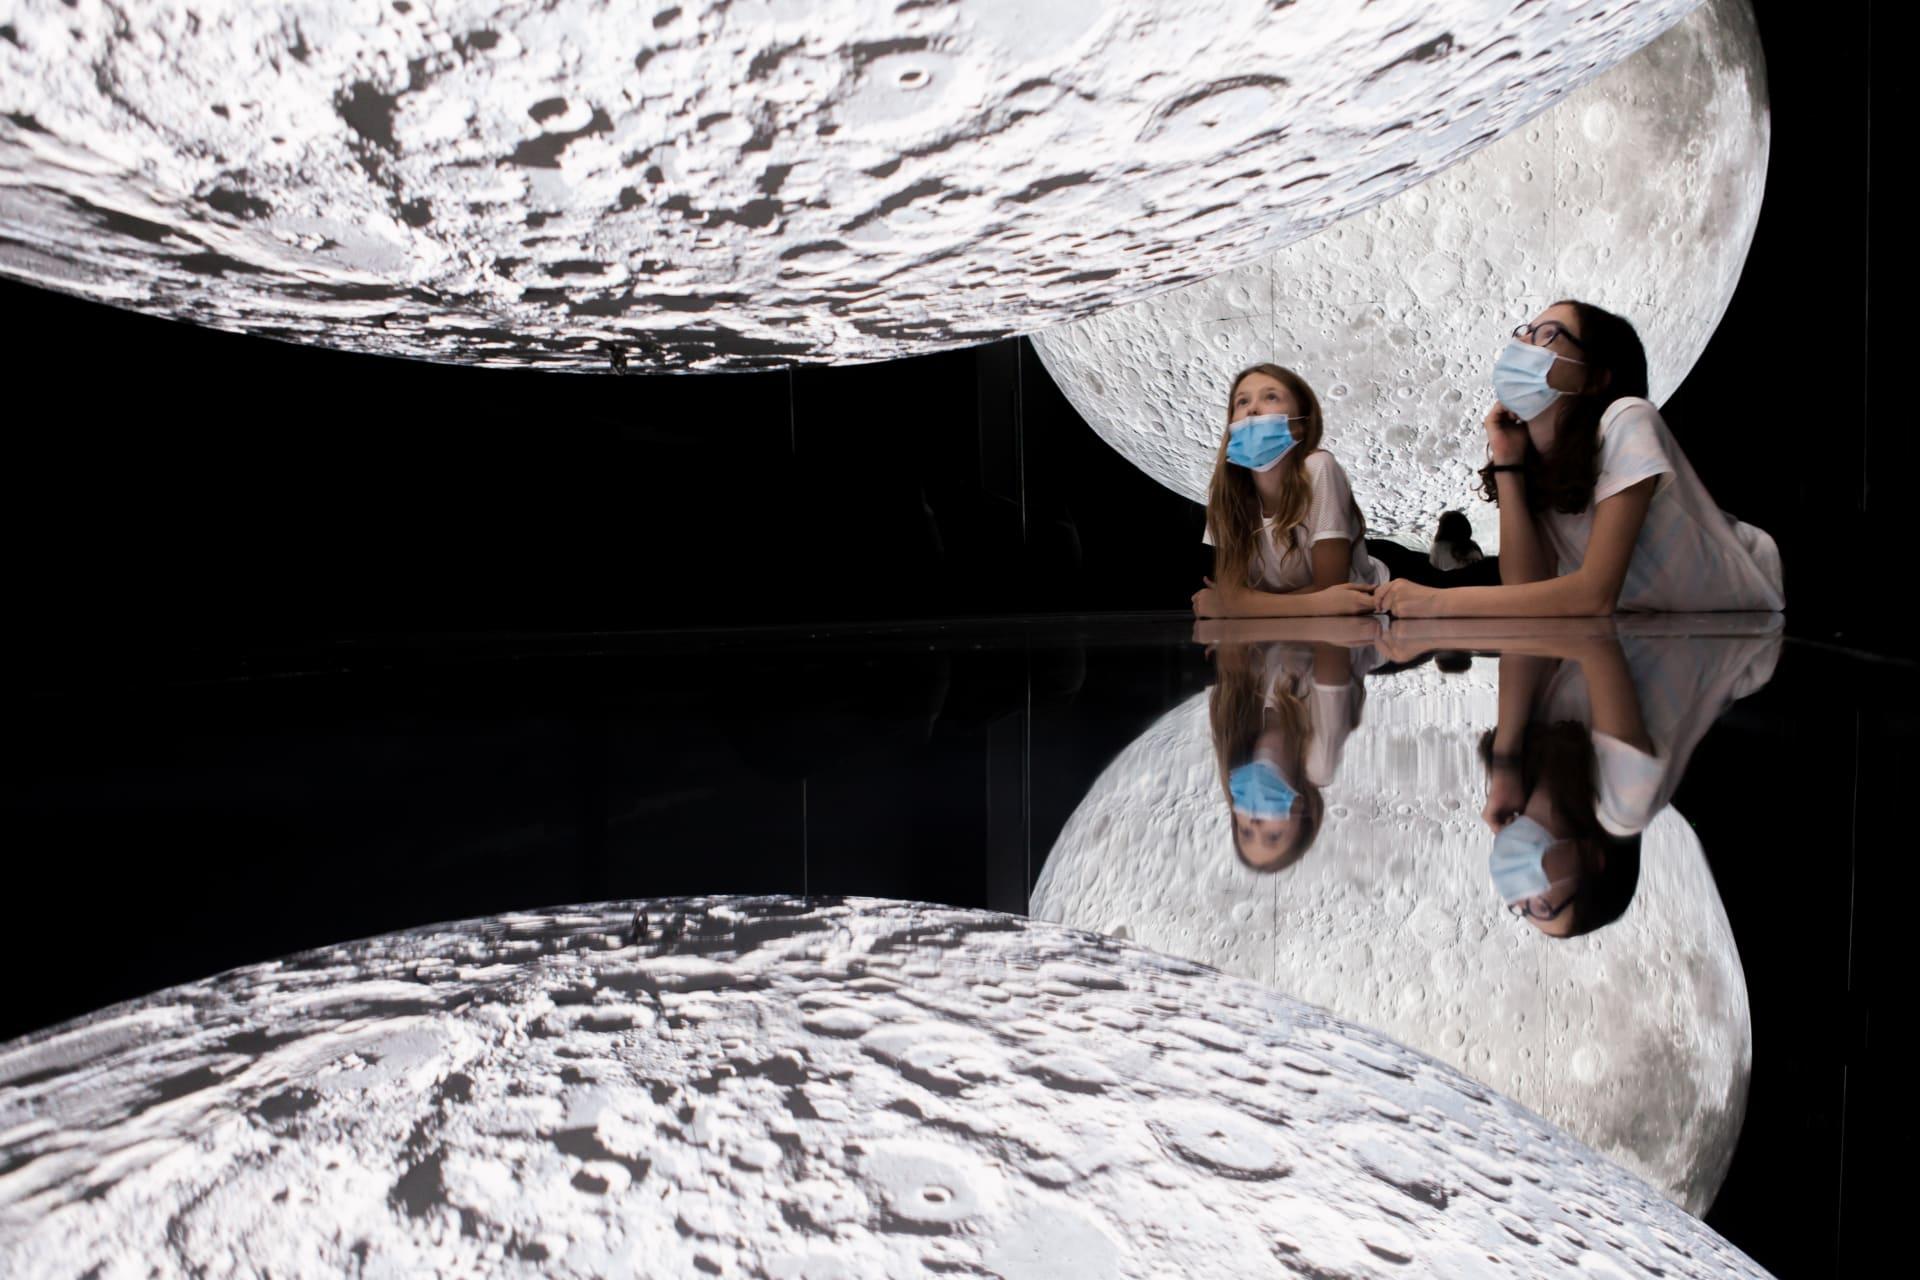 """تجربة تبهر الحواس  صنعت بمساعدة """"ناسا"""".. سيُشعرك هذا القمر الضخم في دبي أنك في رحلة إلى الفضاء"""